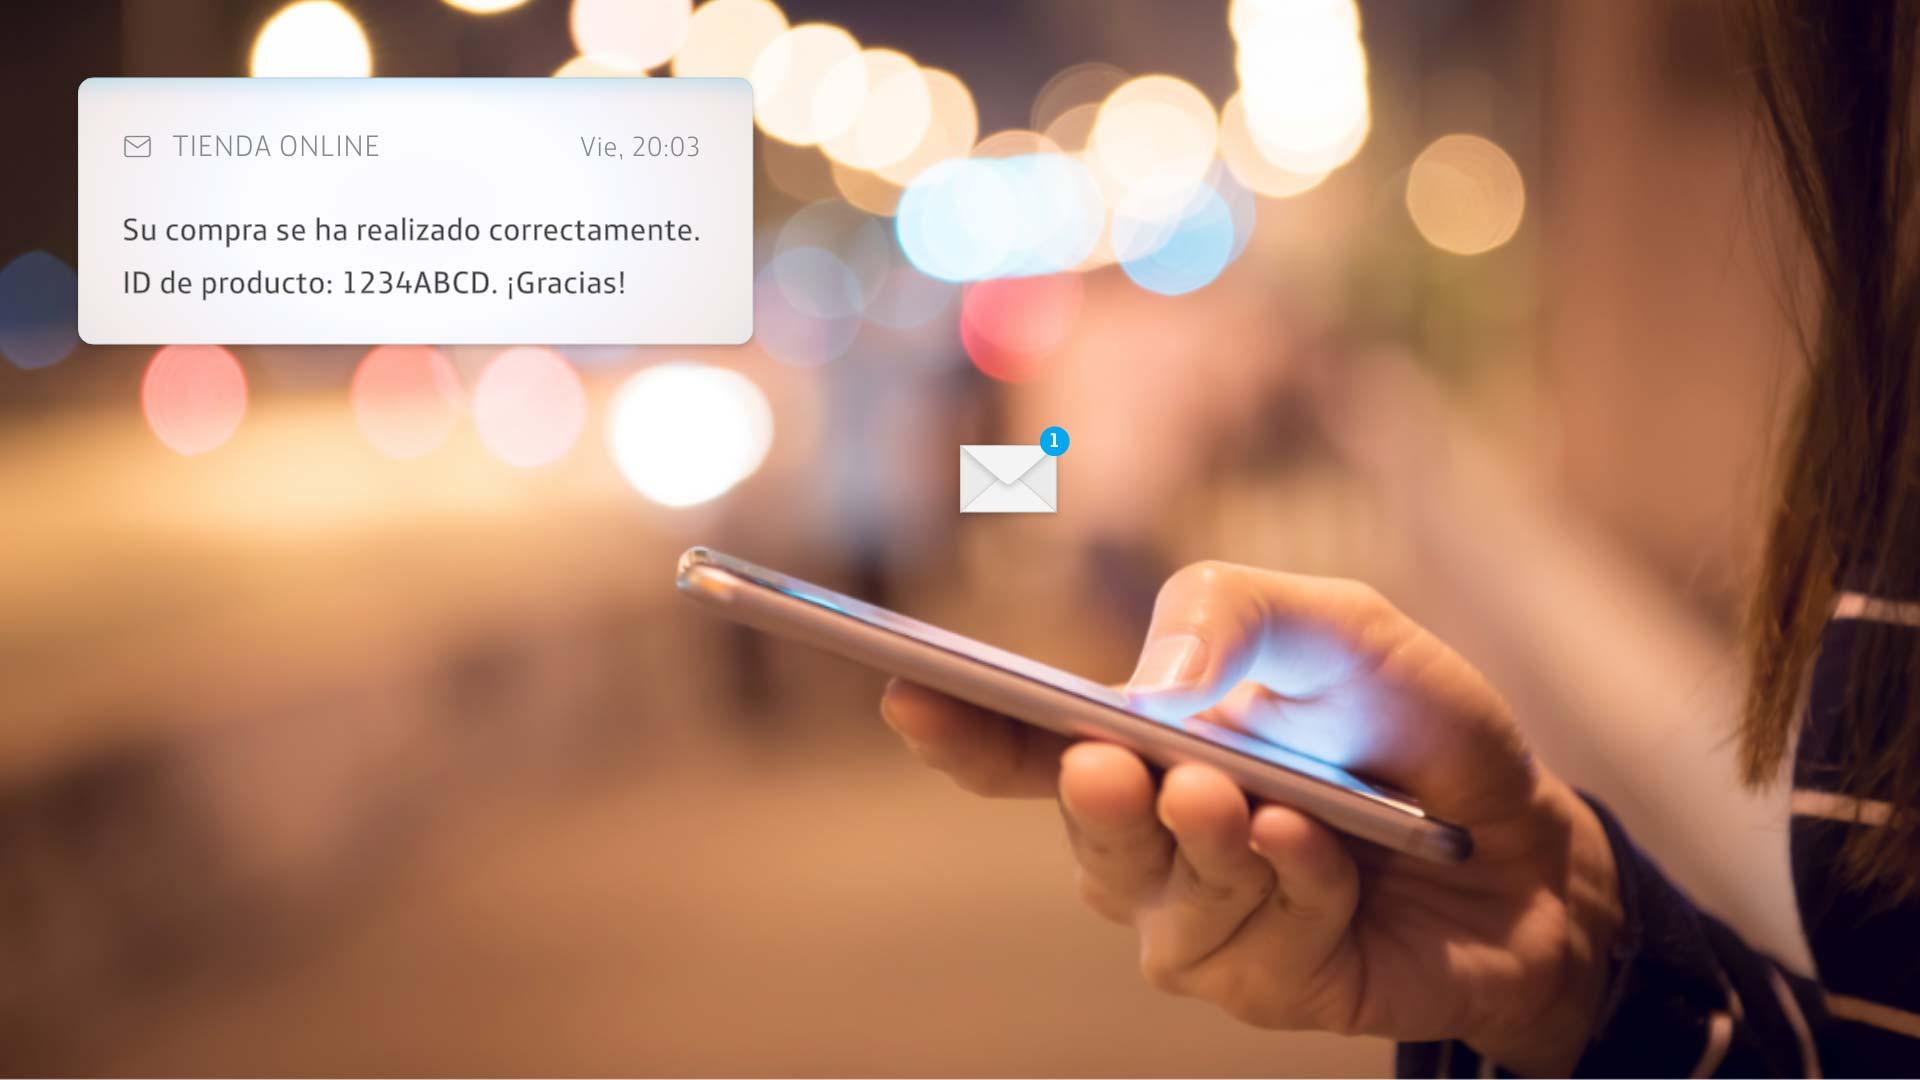 Ofrecemos paquetes de mensajería a las empresas para comunicarse más rápido y directamente con sus clientes a través de SMS y RCS